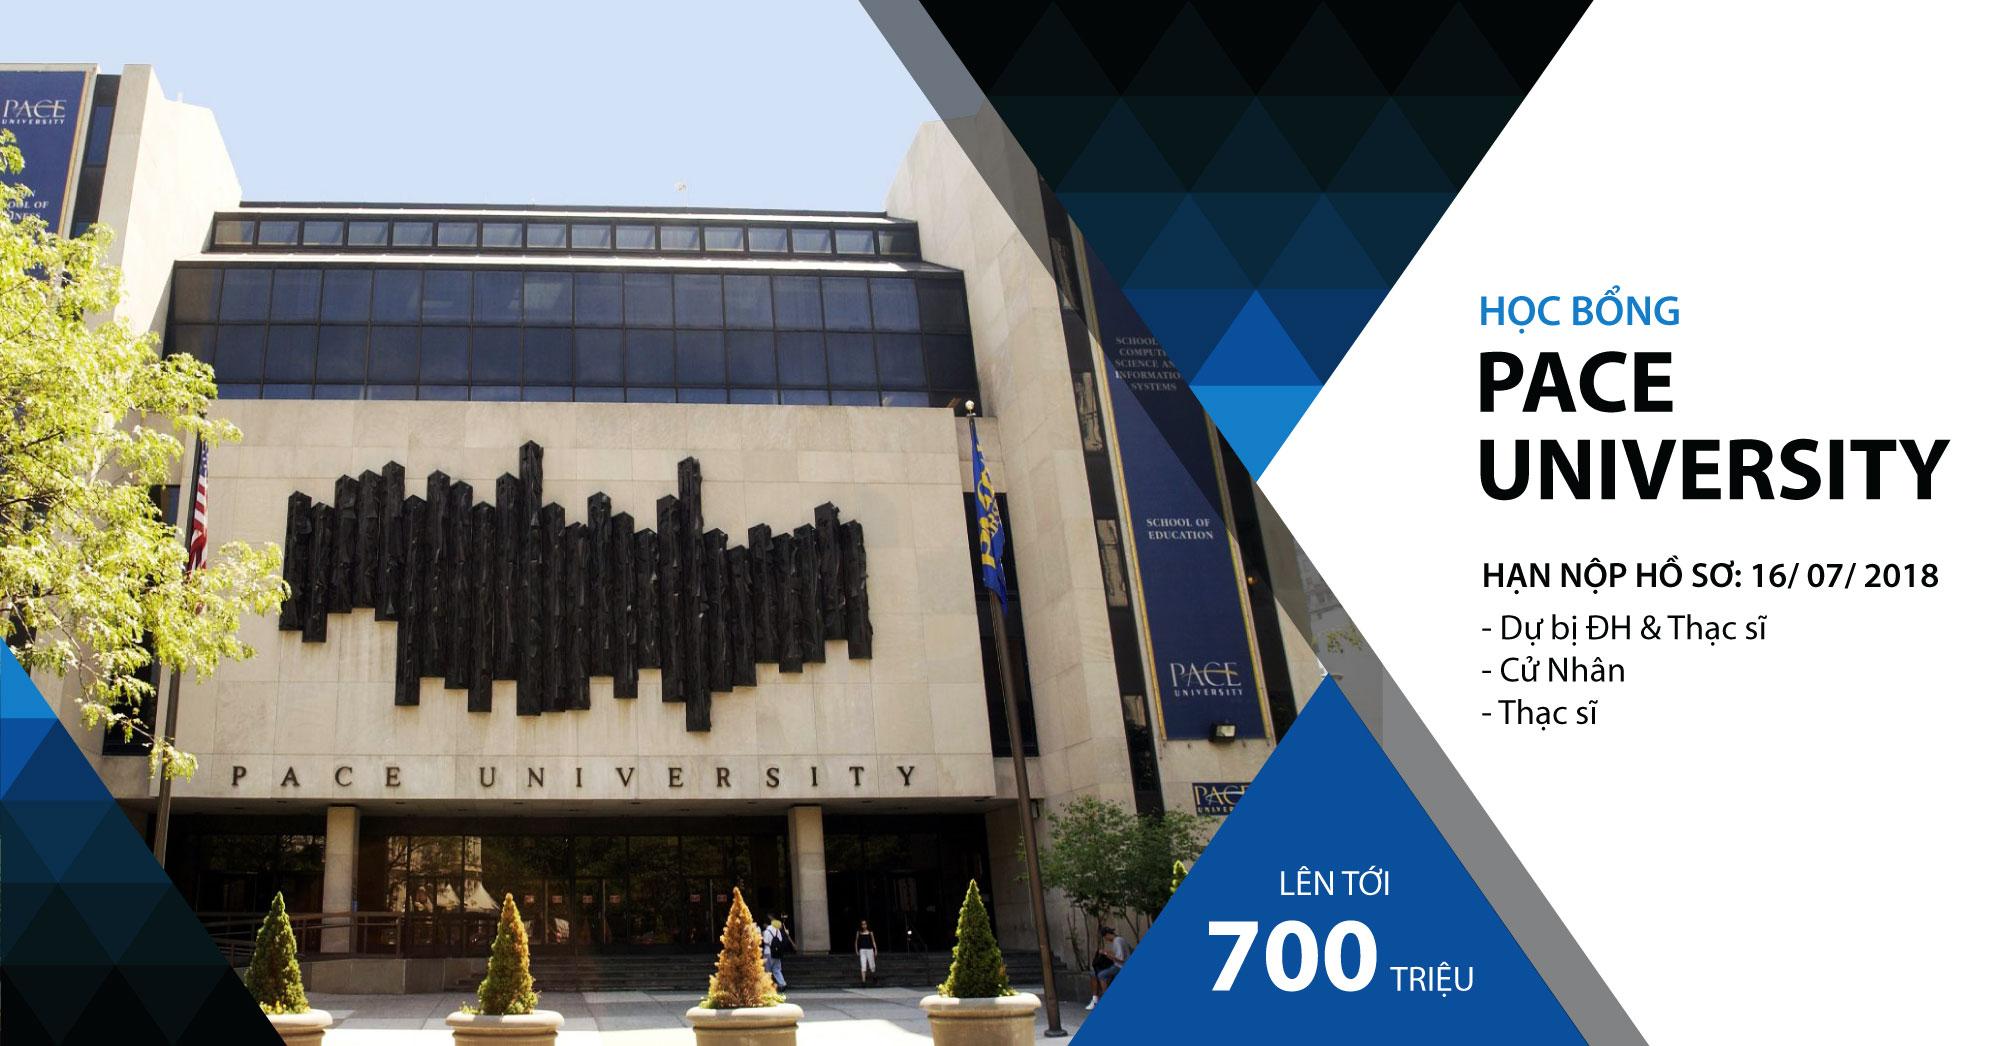 Học bổng đại học Pace